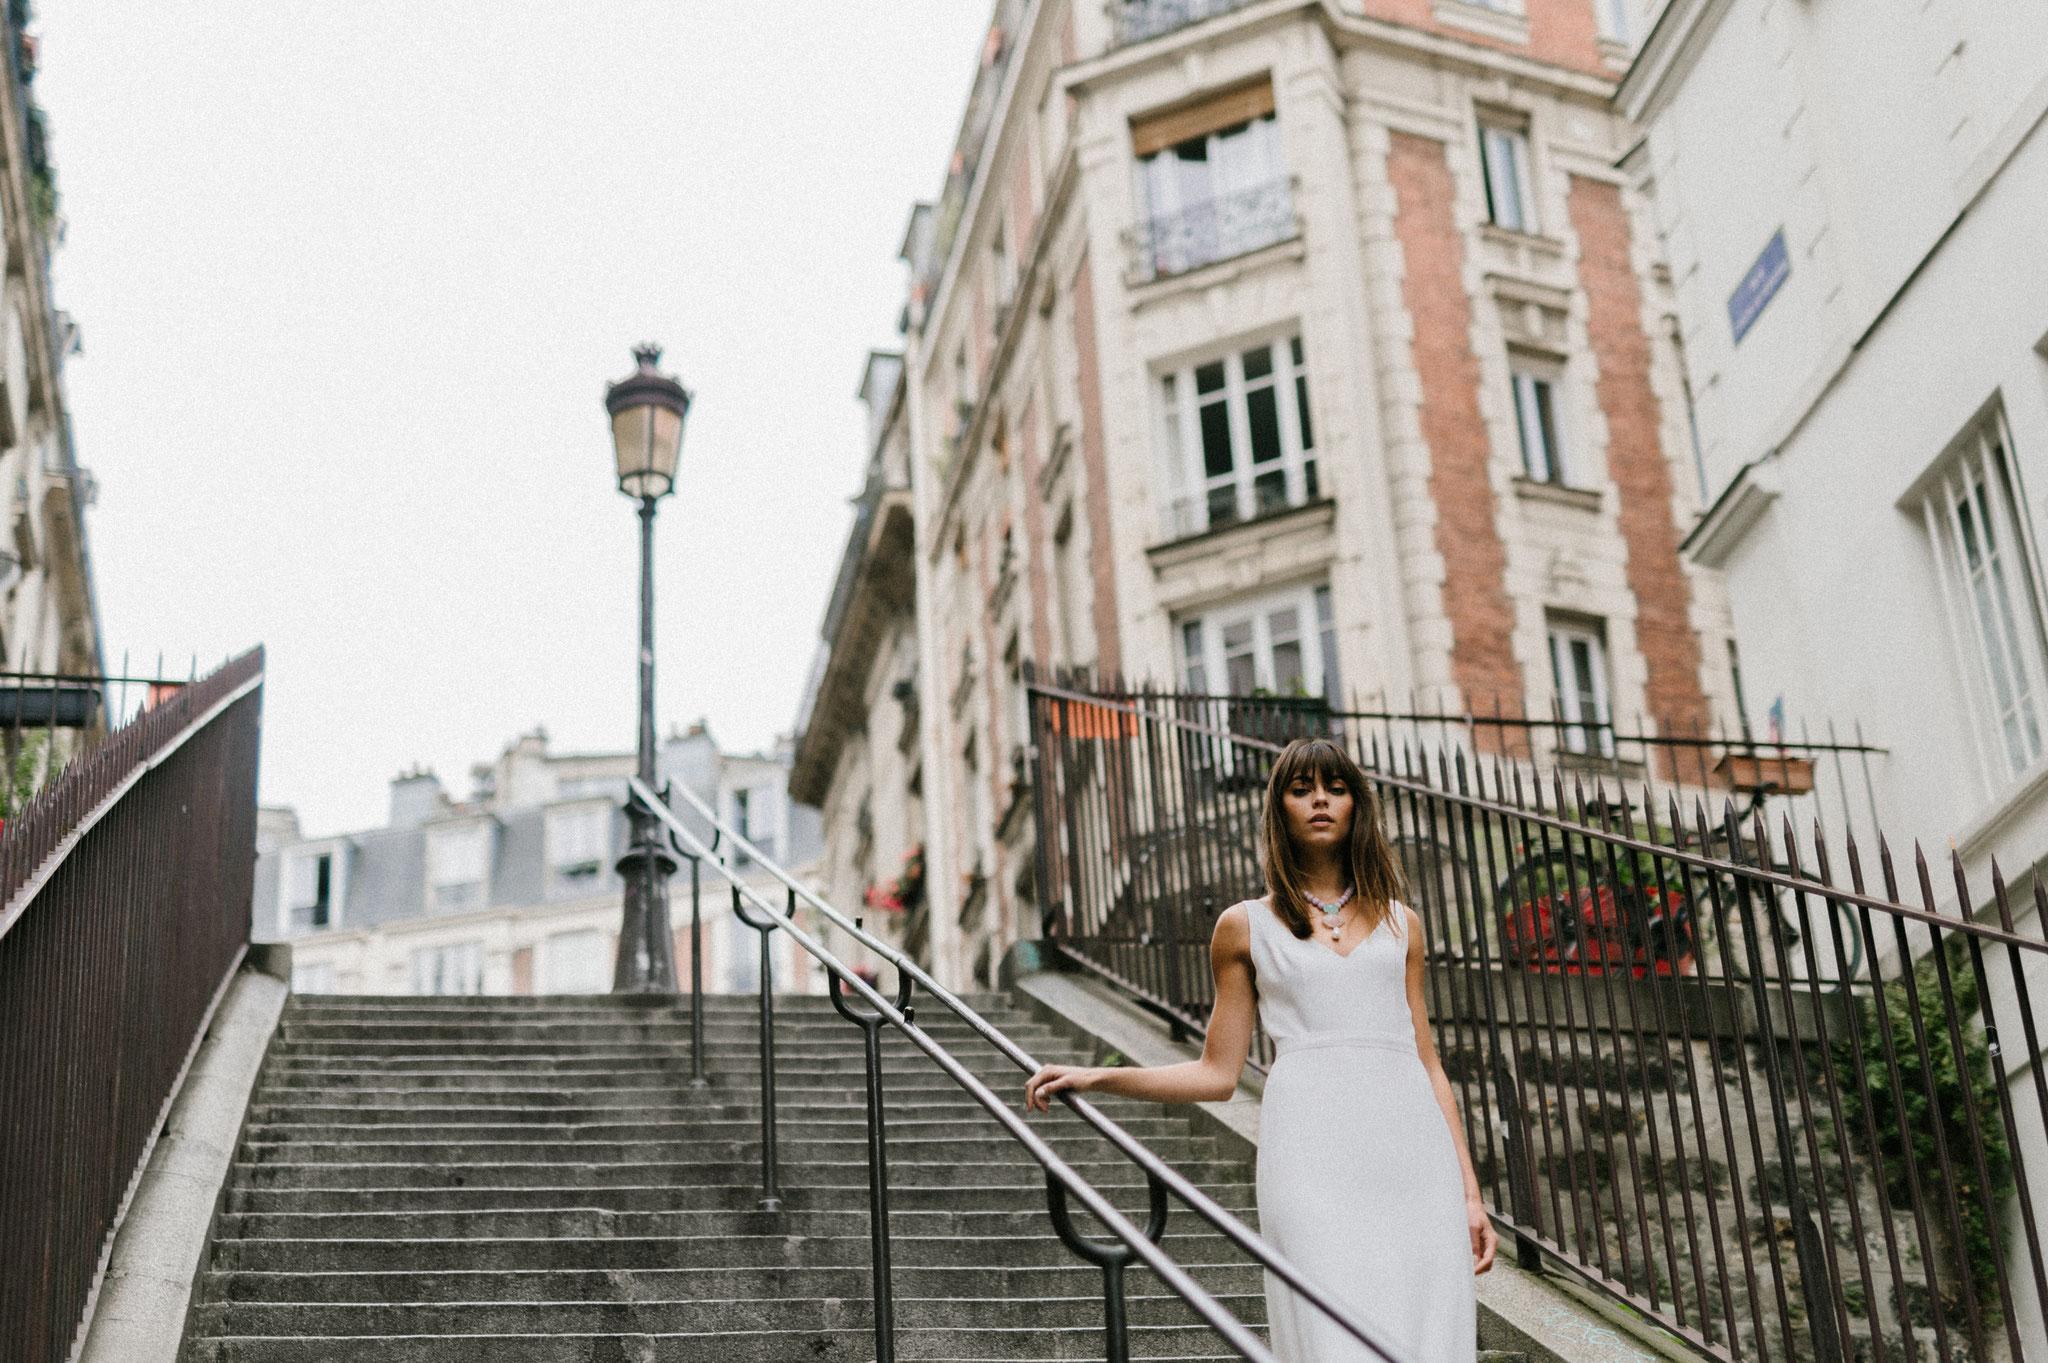 Mademoiselle De Guise - Modèle : Francoeur - Crédit : @chloelapeyssonnie